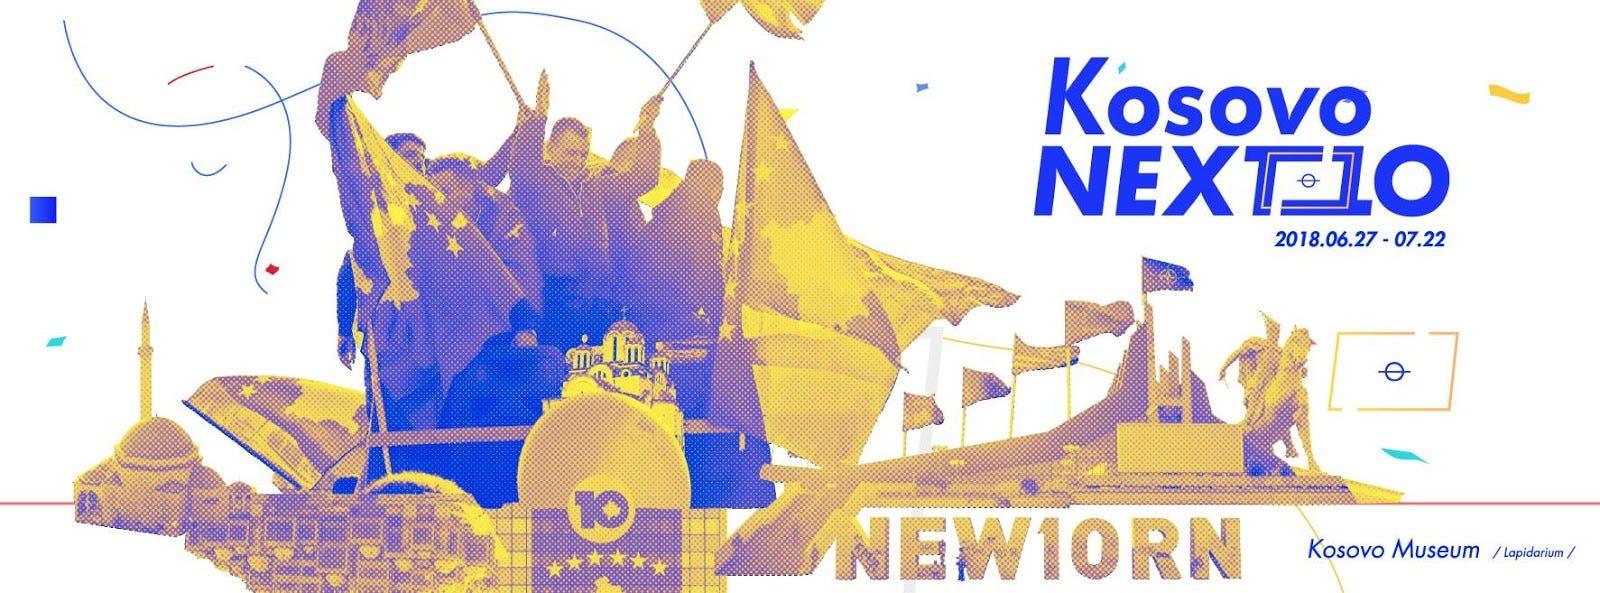 跟臺灣一樣被拒於聯合國門外的科索沃,如何用公民科技參與國際社會 – g0v.news